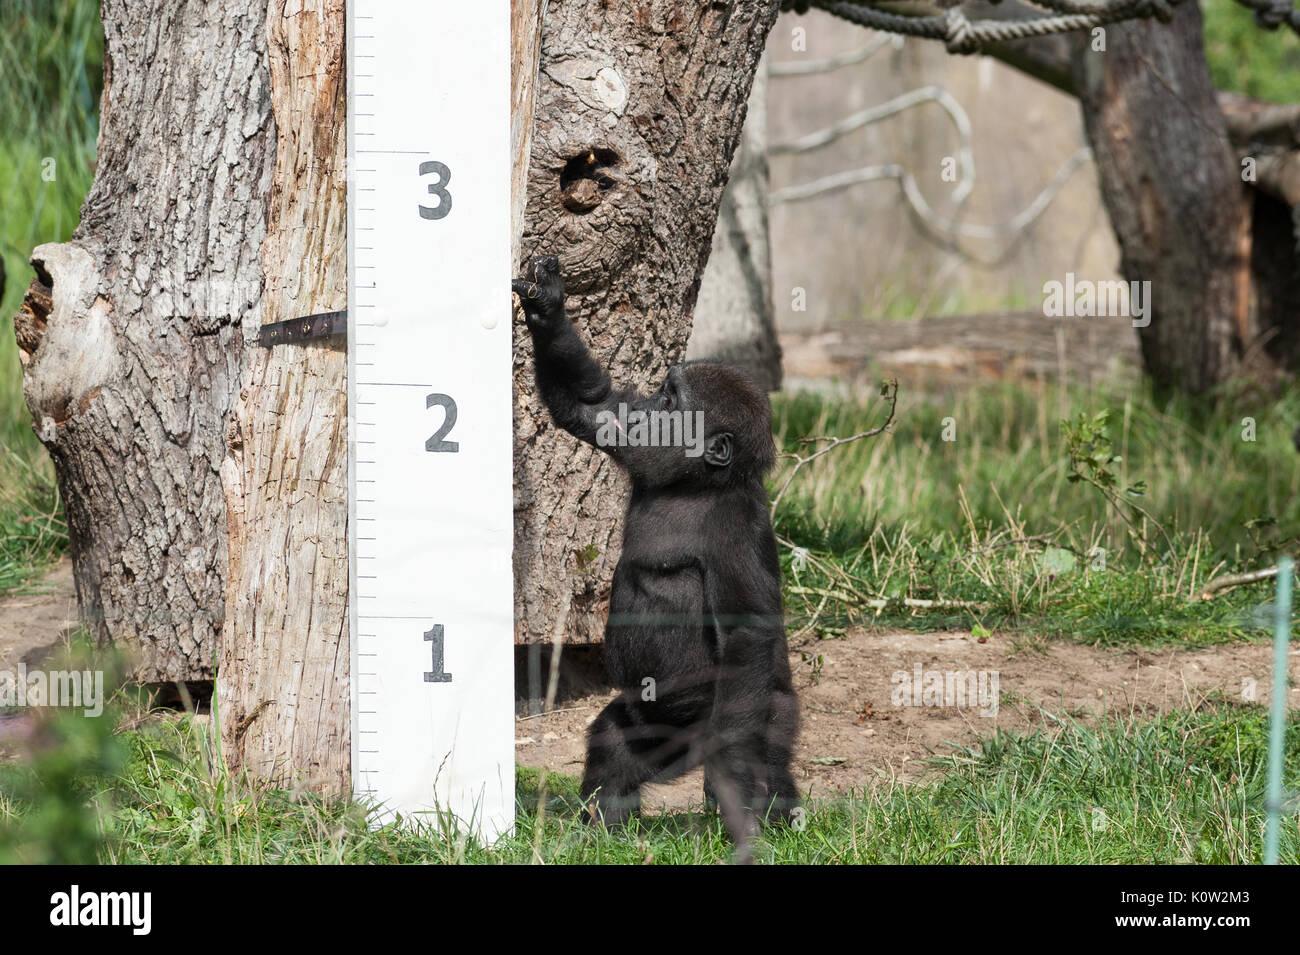 Londres, Royaume-Uni. 24 août, 2017. Mesurer les hauteurs de zoo de gorilles au cours de l'assemblée annuelle à la pesée ZSL London Zoo. Chaque année les détenteurs sur le Zoo de Londres enregistrer les statistiques de l'état des animaux à surveiller leur santé et leur bien-être général. Credit: Wiktor Szymanowicz/Alamy Live News Banque D'Images